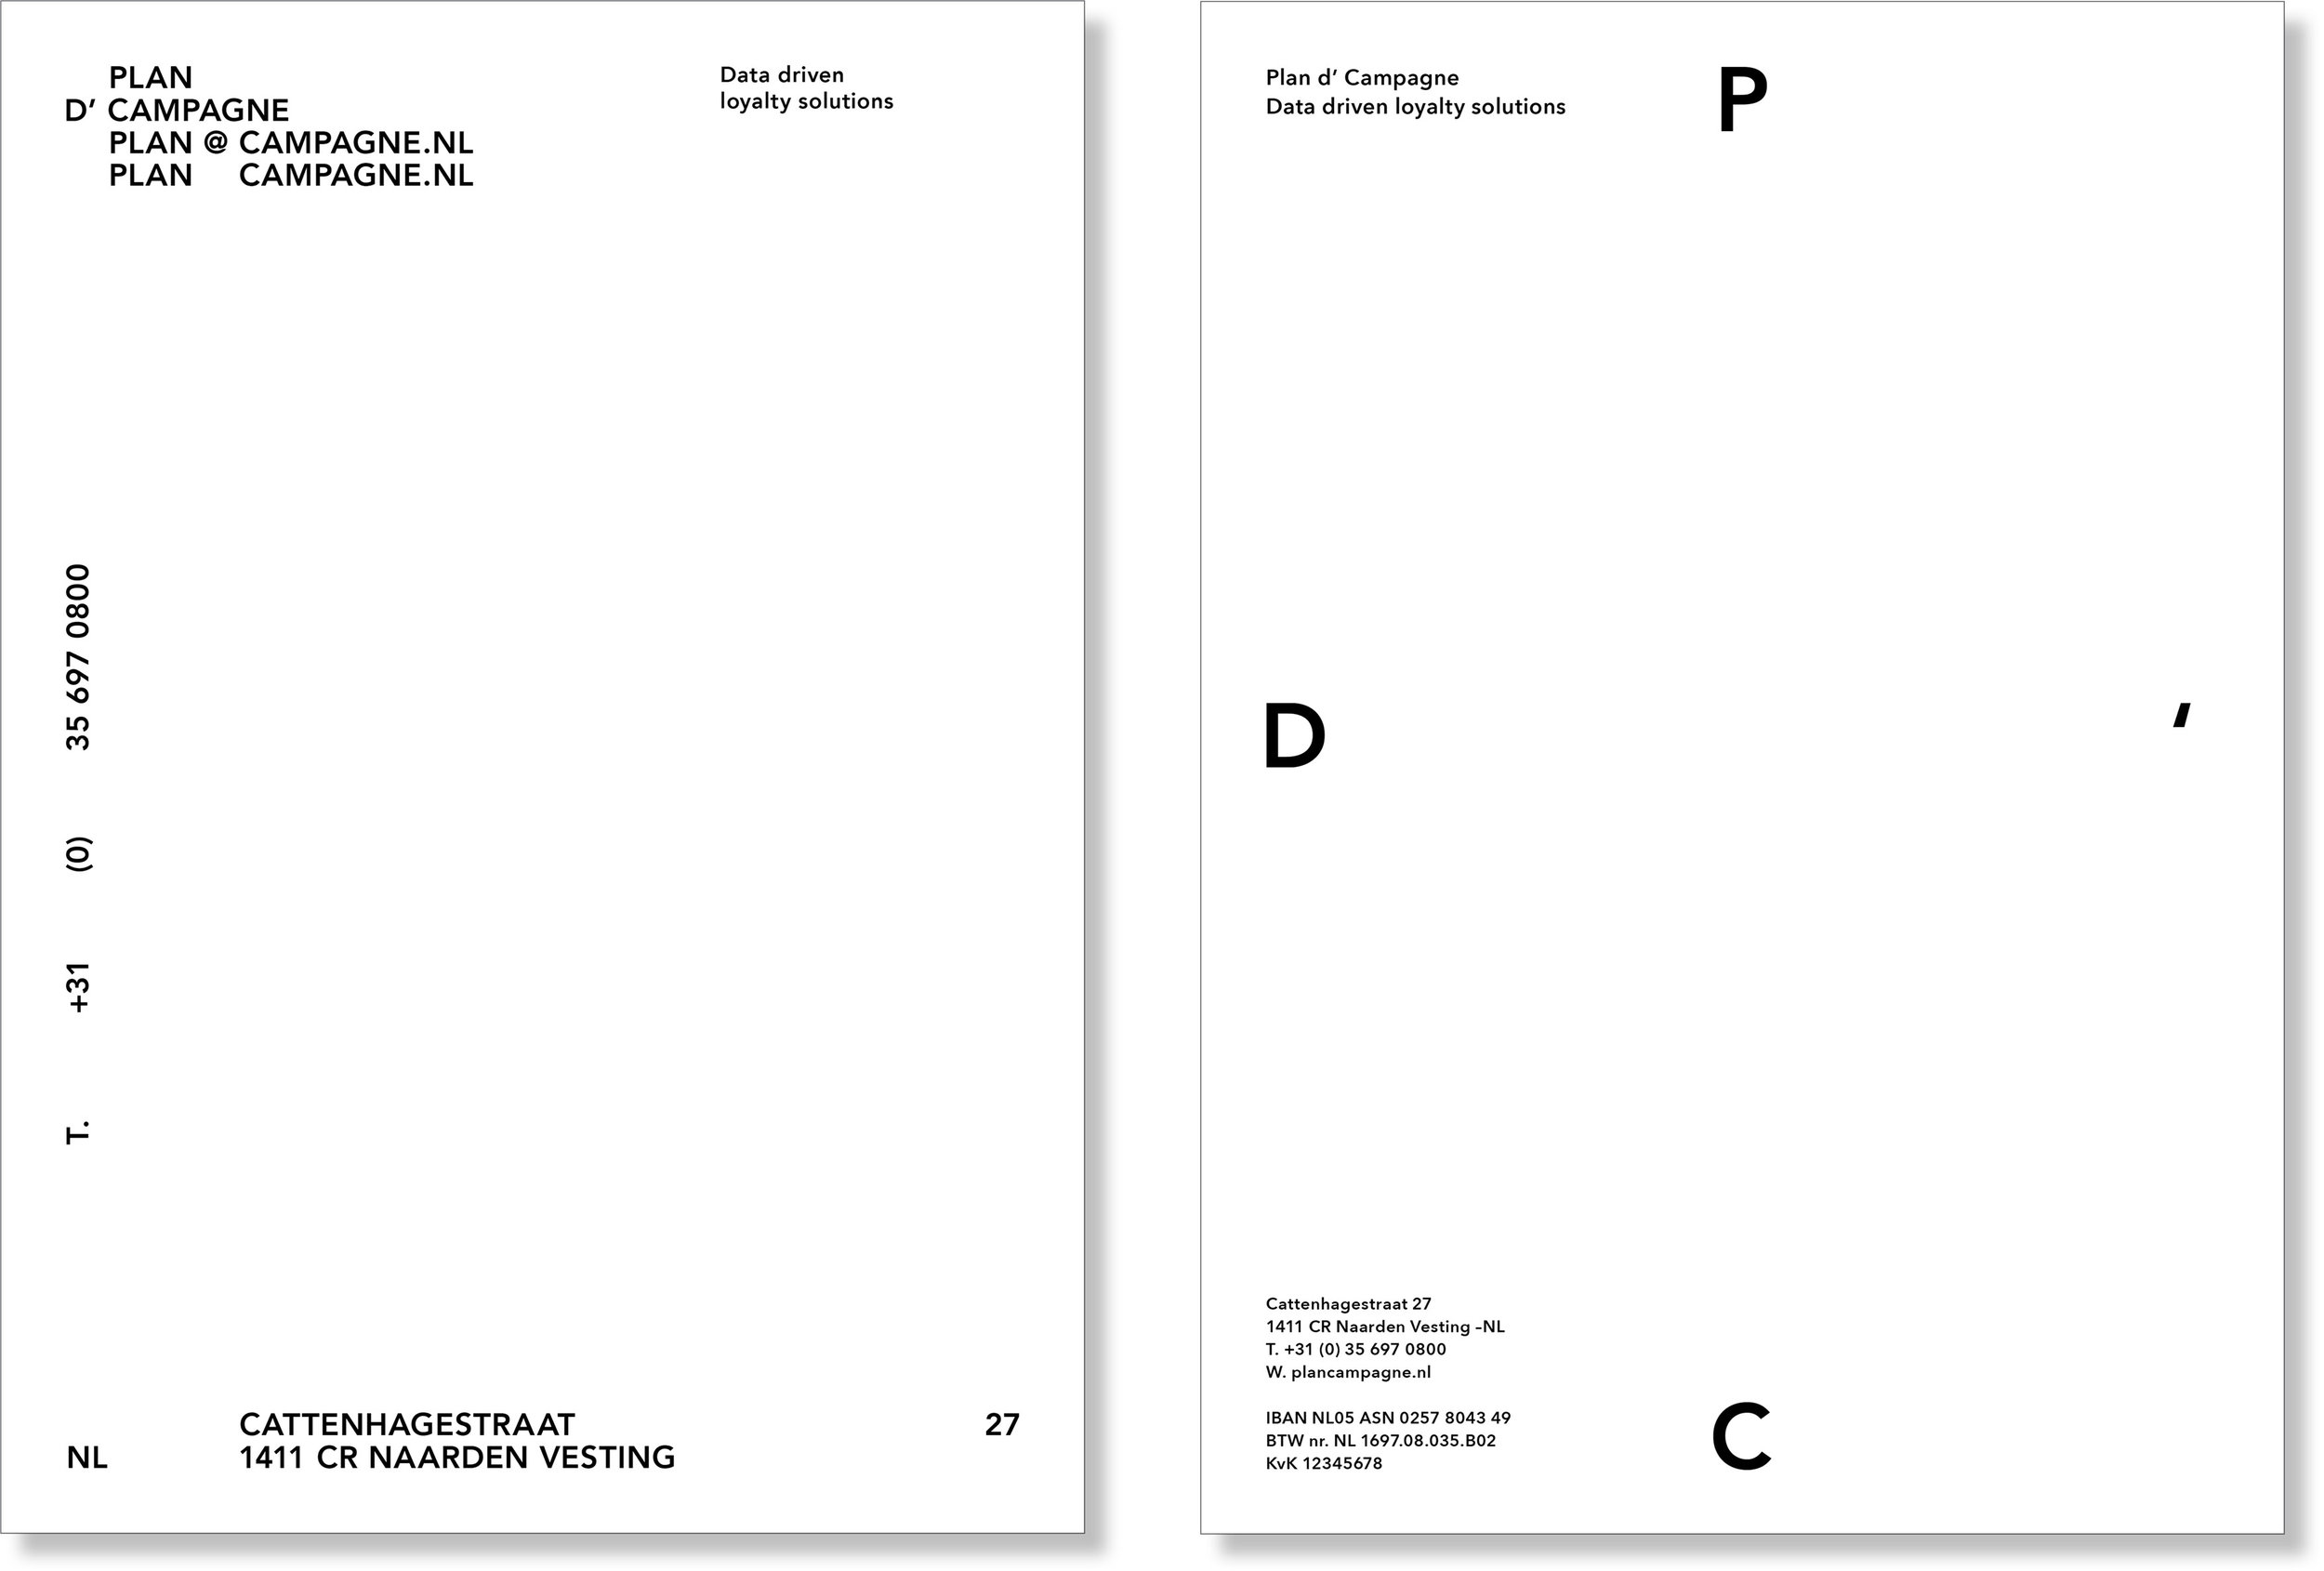 PDC_5.jpg